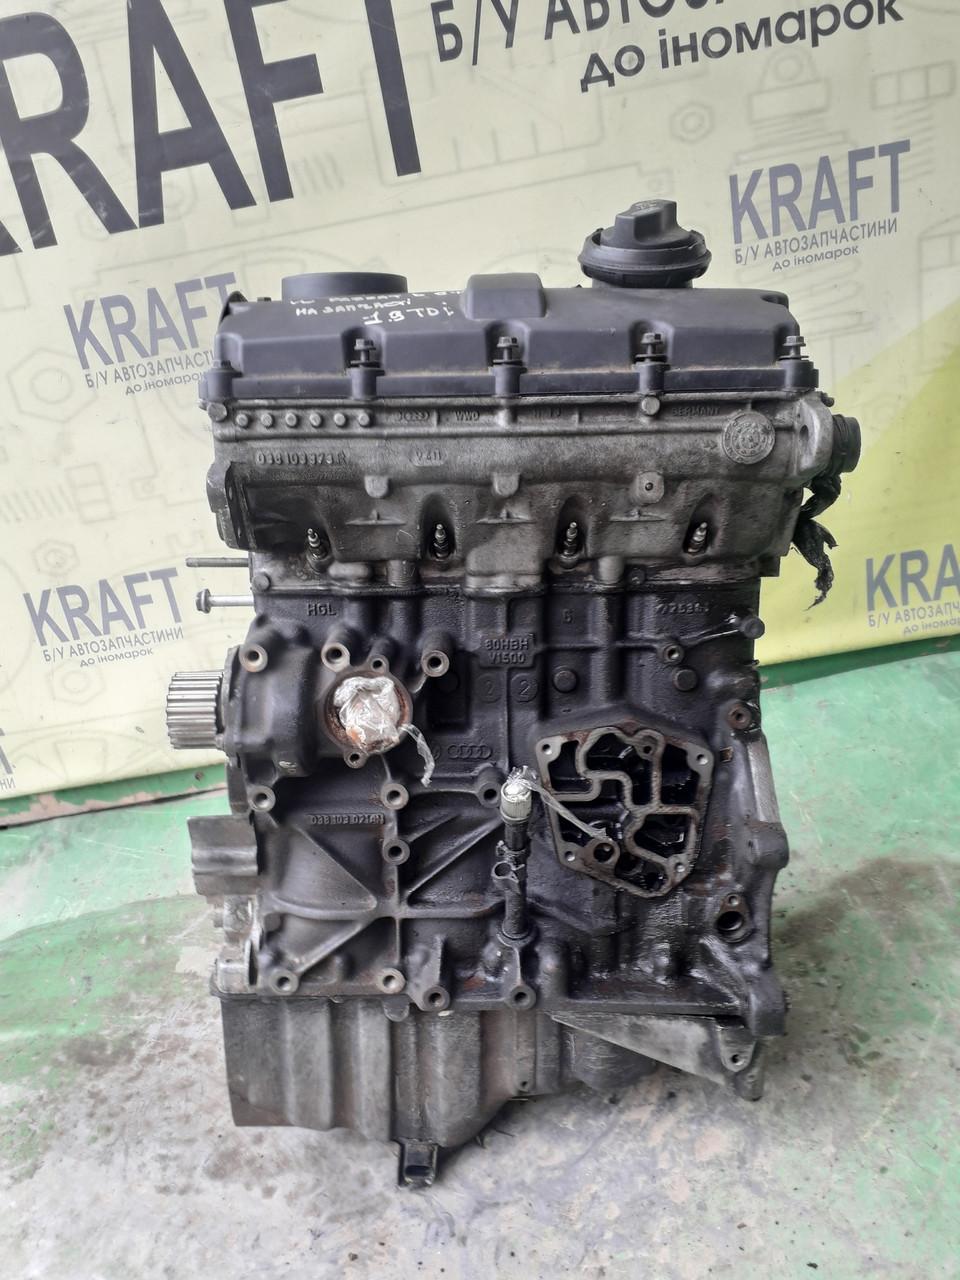 Двигун для Volkswagen Passat B5 1.9 TDI На запчастини !!! Роспредвала немає!